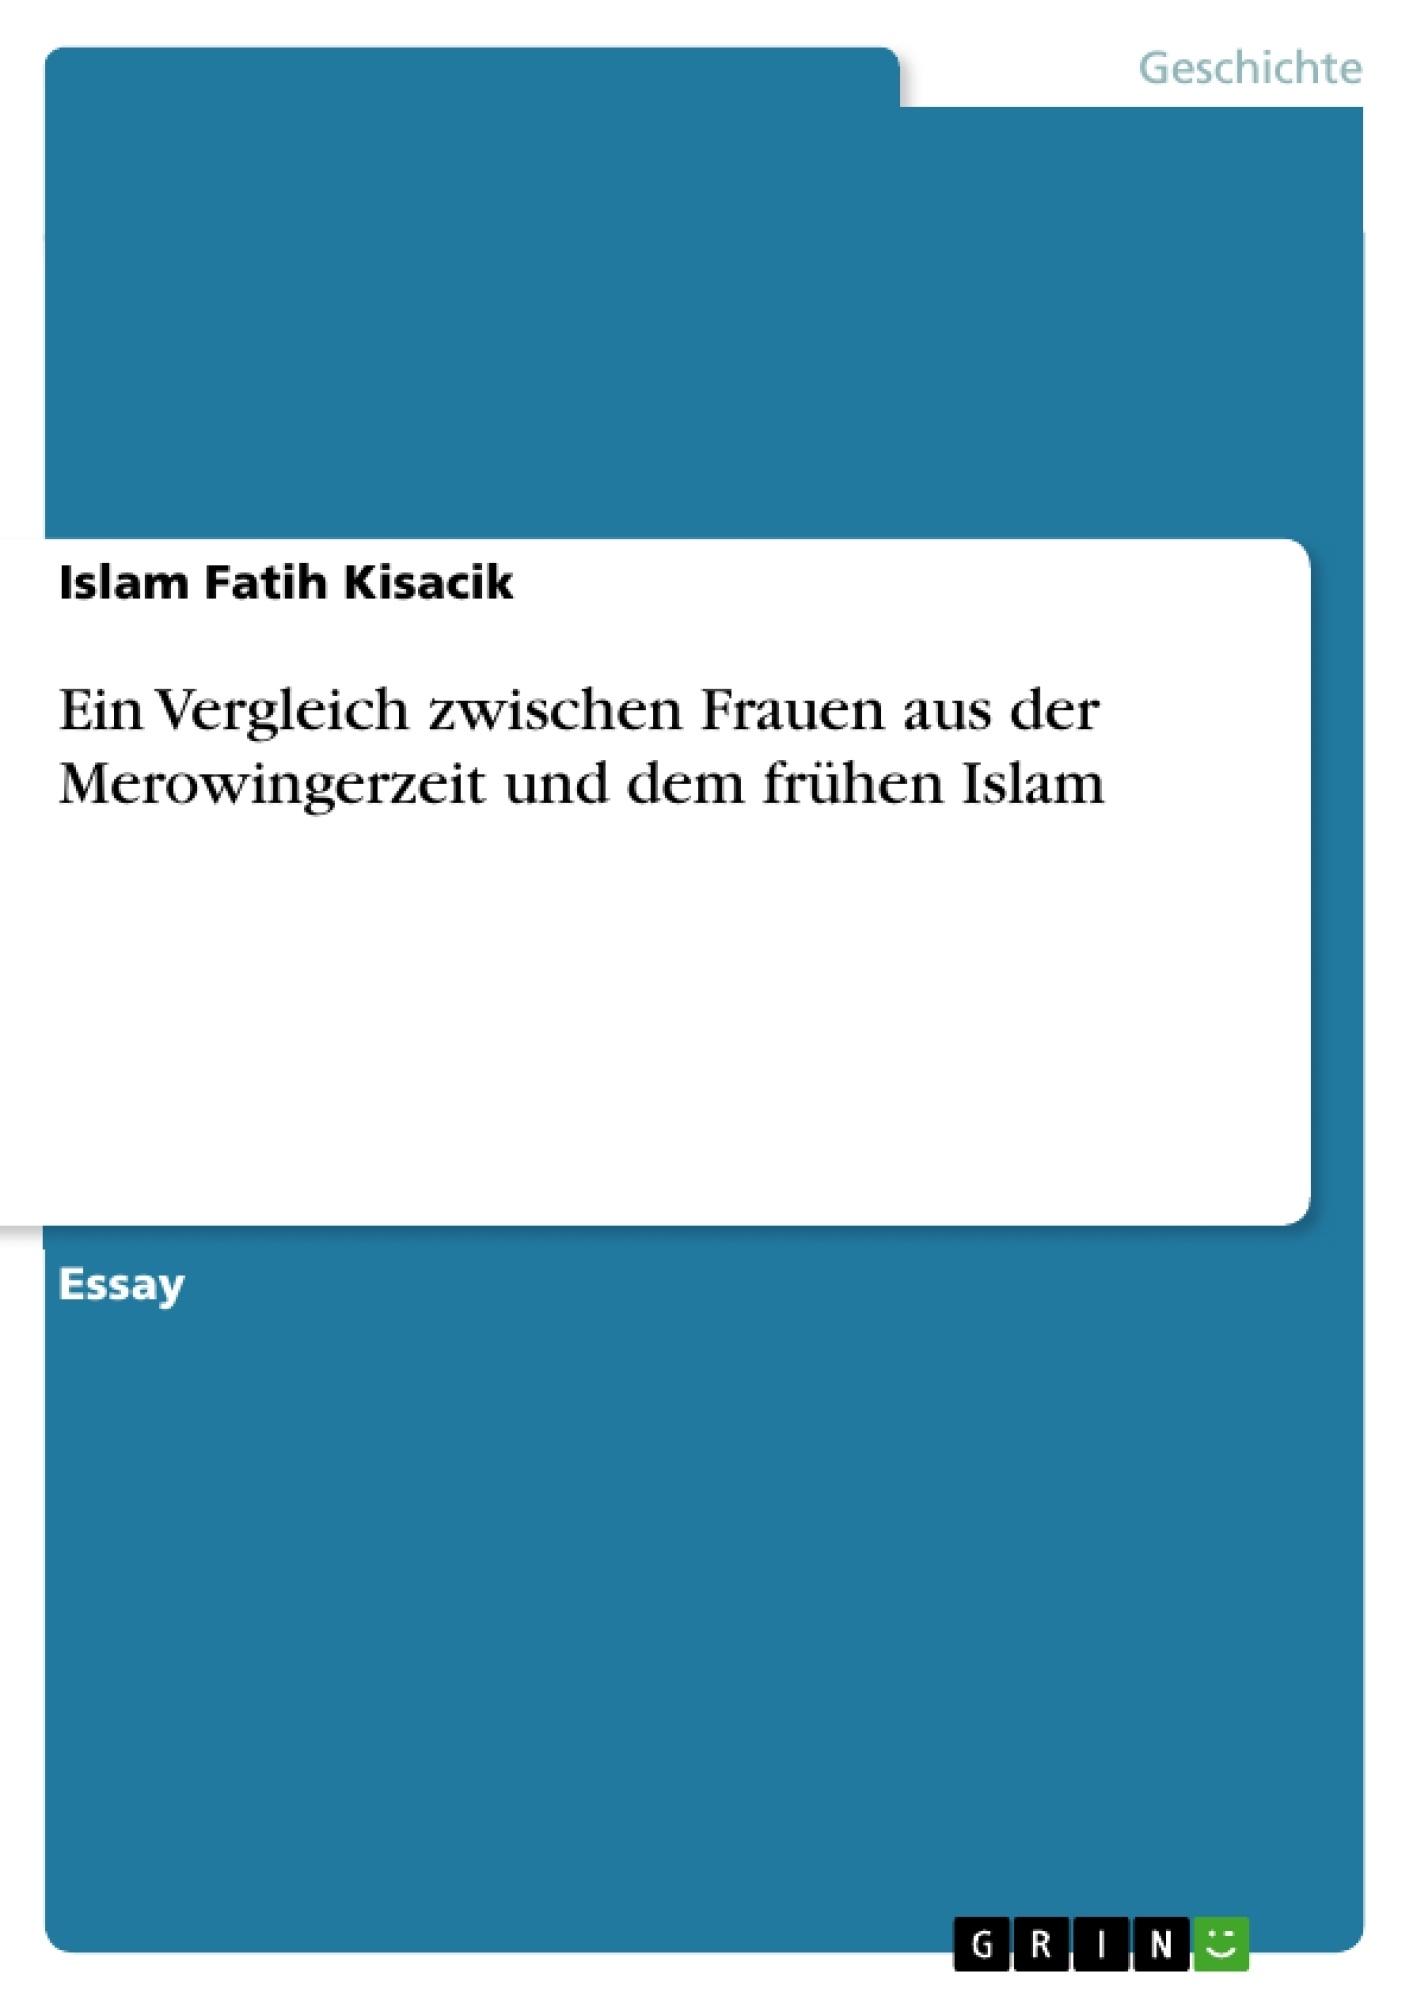 Titel: Ein Vergleich zwischen Frauen aus der Merowingerzeit und dem frühen Islam